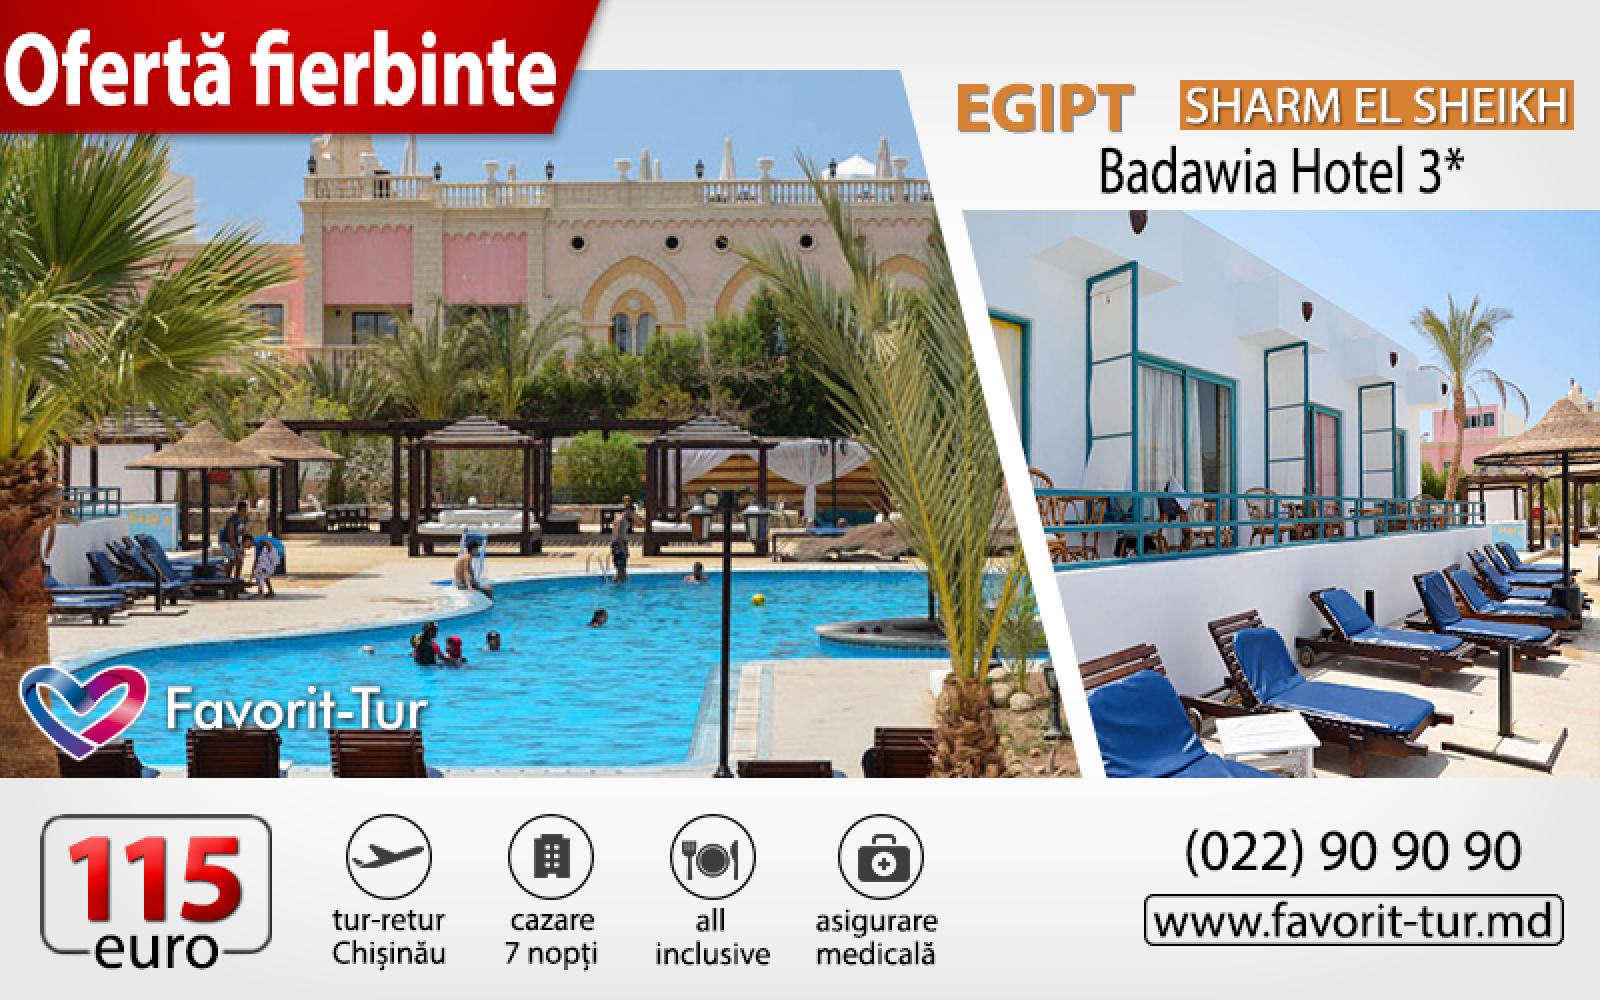 (foto) Oferte fierbinți de la Favorit-Tur: Vacanță de 7 zile în Egipt, de la 115 euro!